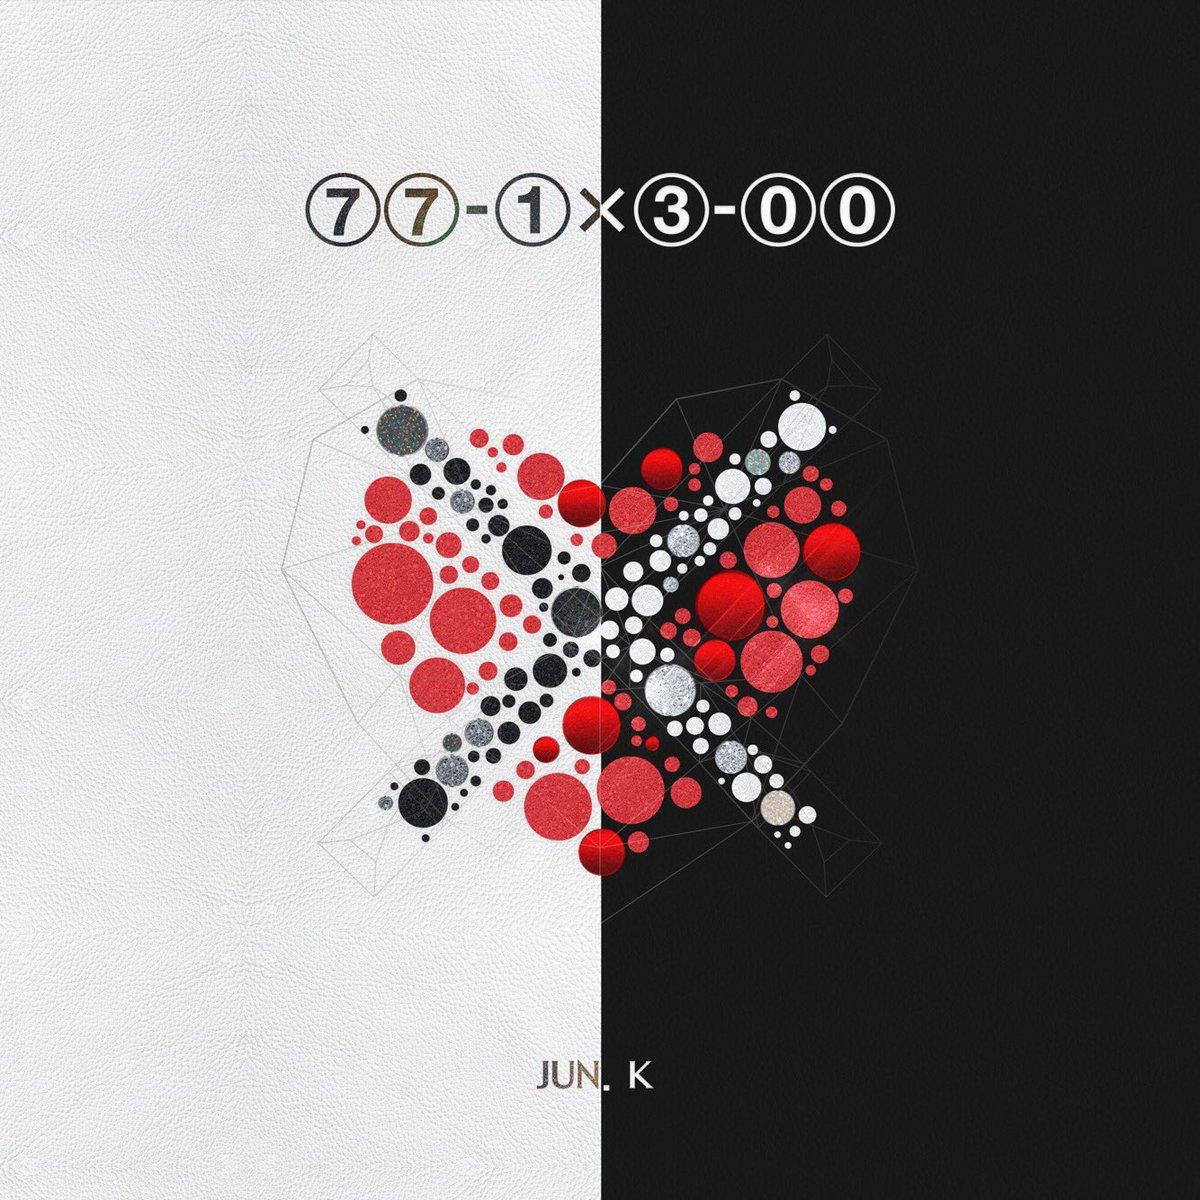 本日 3/15(水) Jun. K (From 2PM) 『77-1X3-00 -japan edition-』の発売日!Jun. Kの世界が詰まった一枚をぜひチェックしてください♪ 2pmjapan.com/disco/ #Jun_K #77_1X3_00